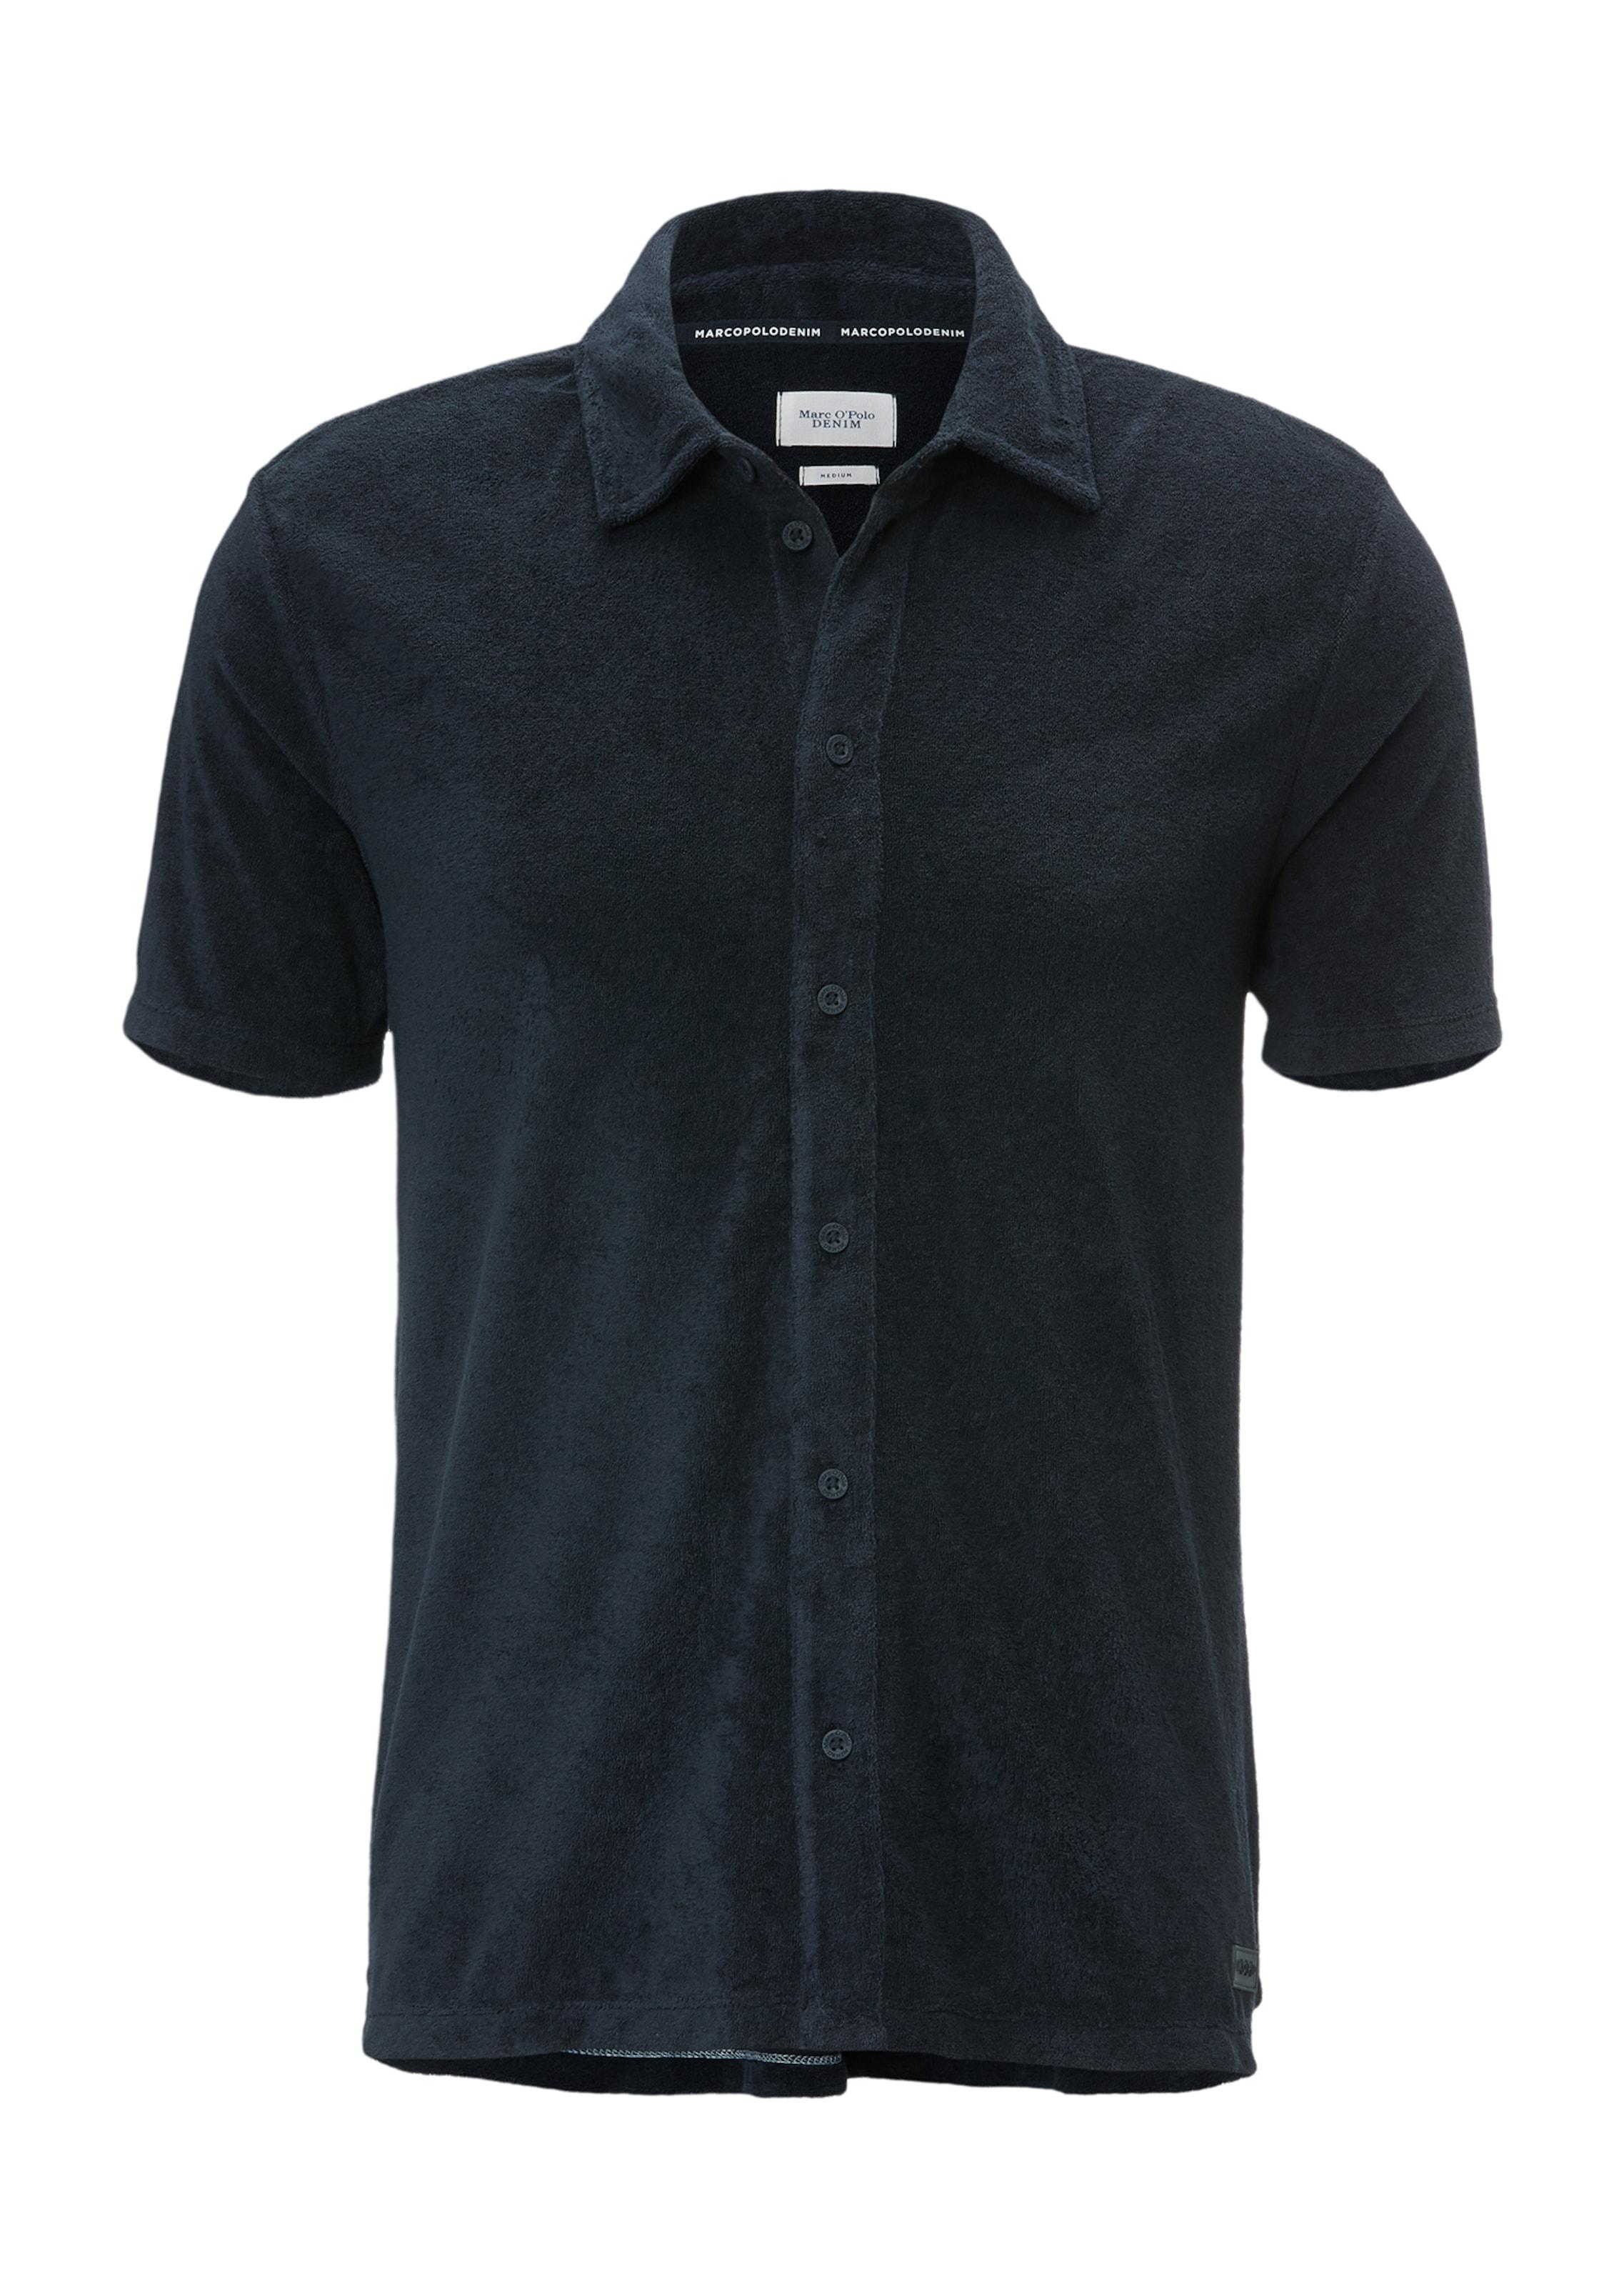 Shirt Denim In Nachtblau Marc O'polo 0yv8wOmnN